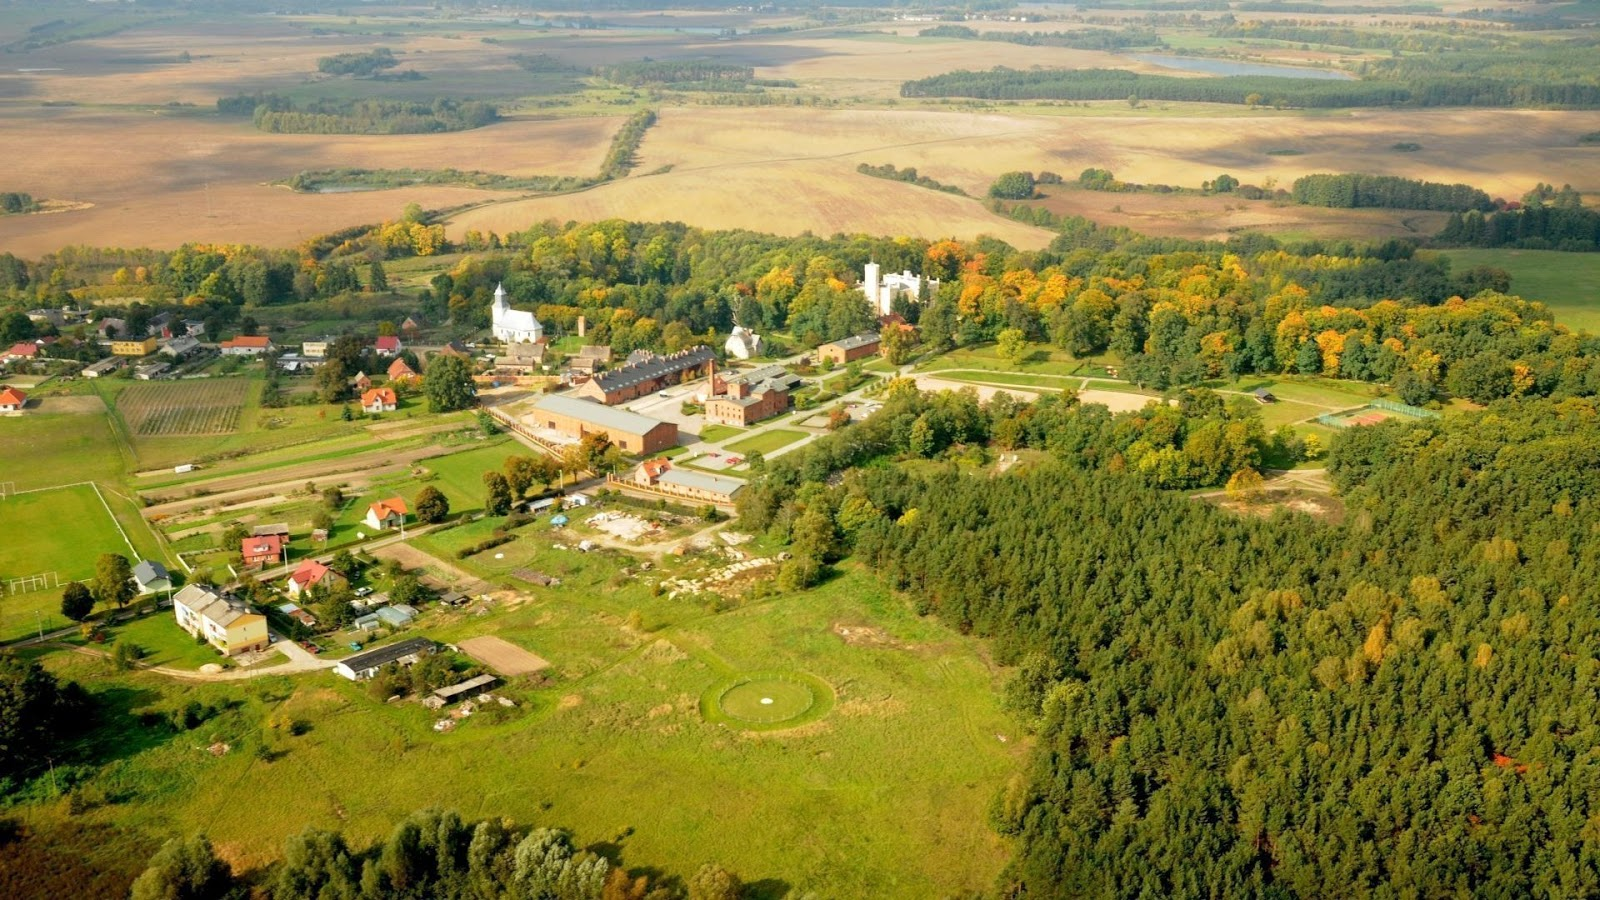 Widok z lotu ptaka na piękne okolice Pałacu Mierzęcin